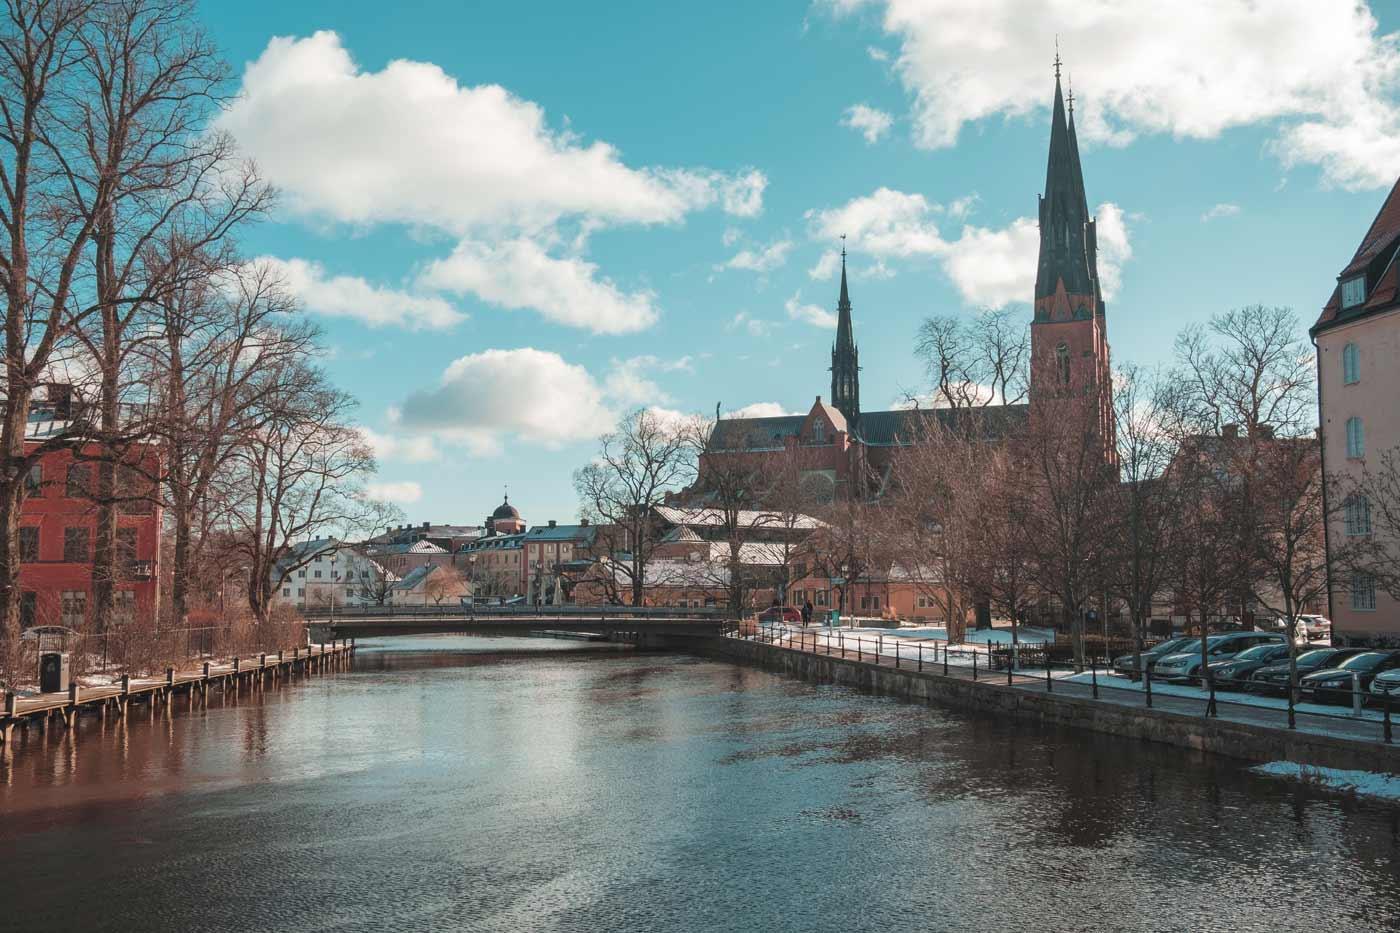 Co warto zwiedzić w Szwecji? Na pewnoa katedrę protestancką w mieście Uppsala